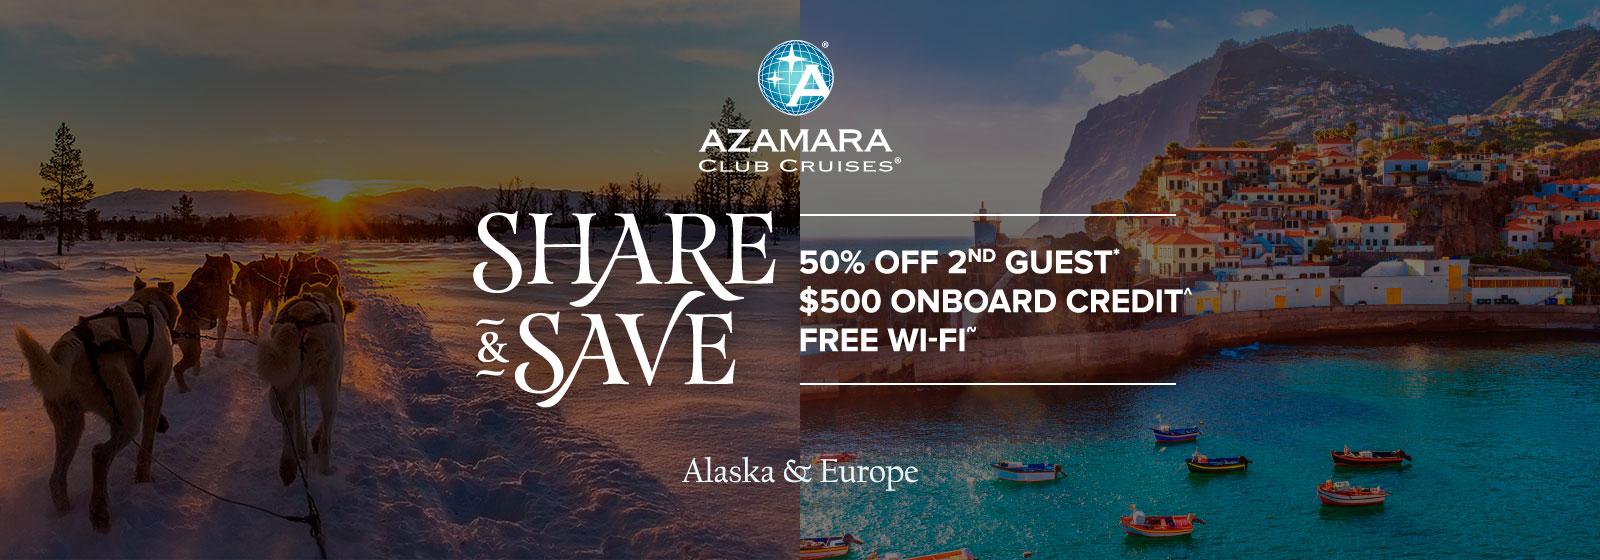 Aza-share-save